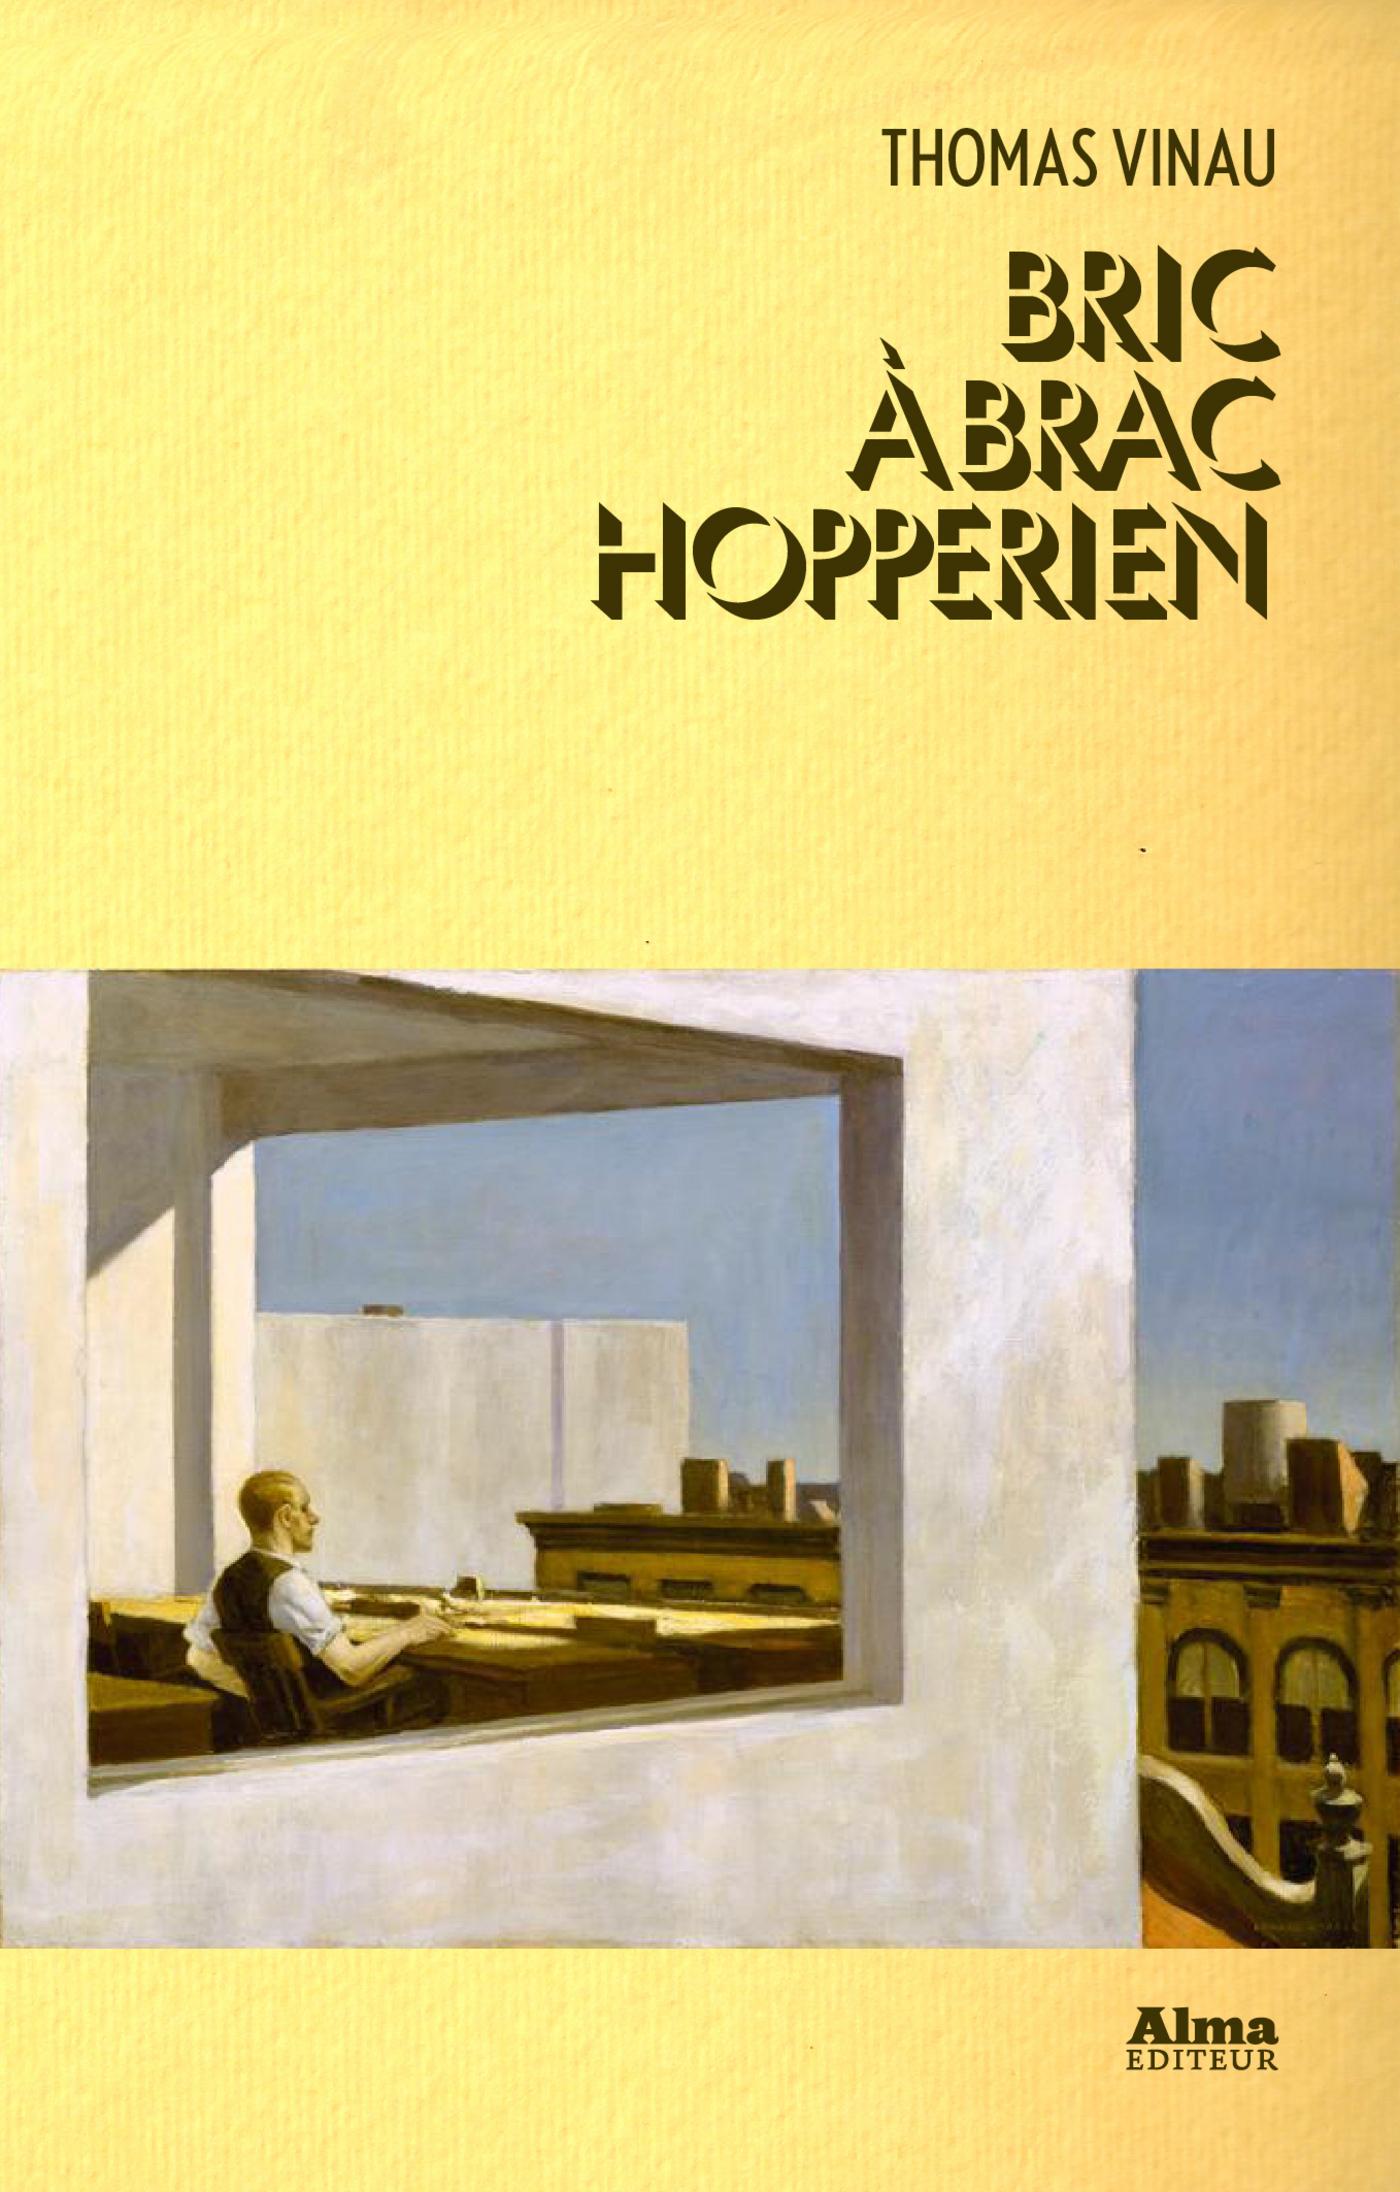 Bric à brac hopperien (ebook)